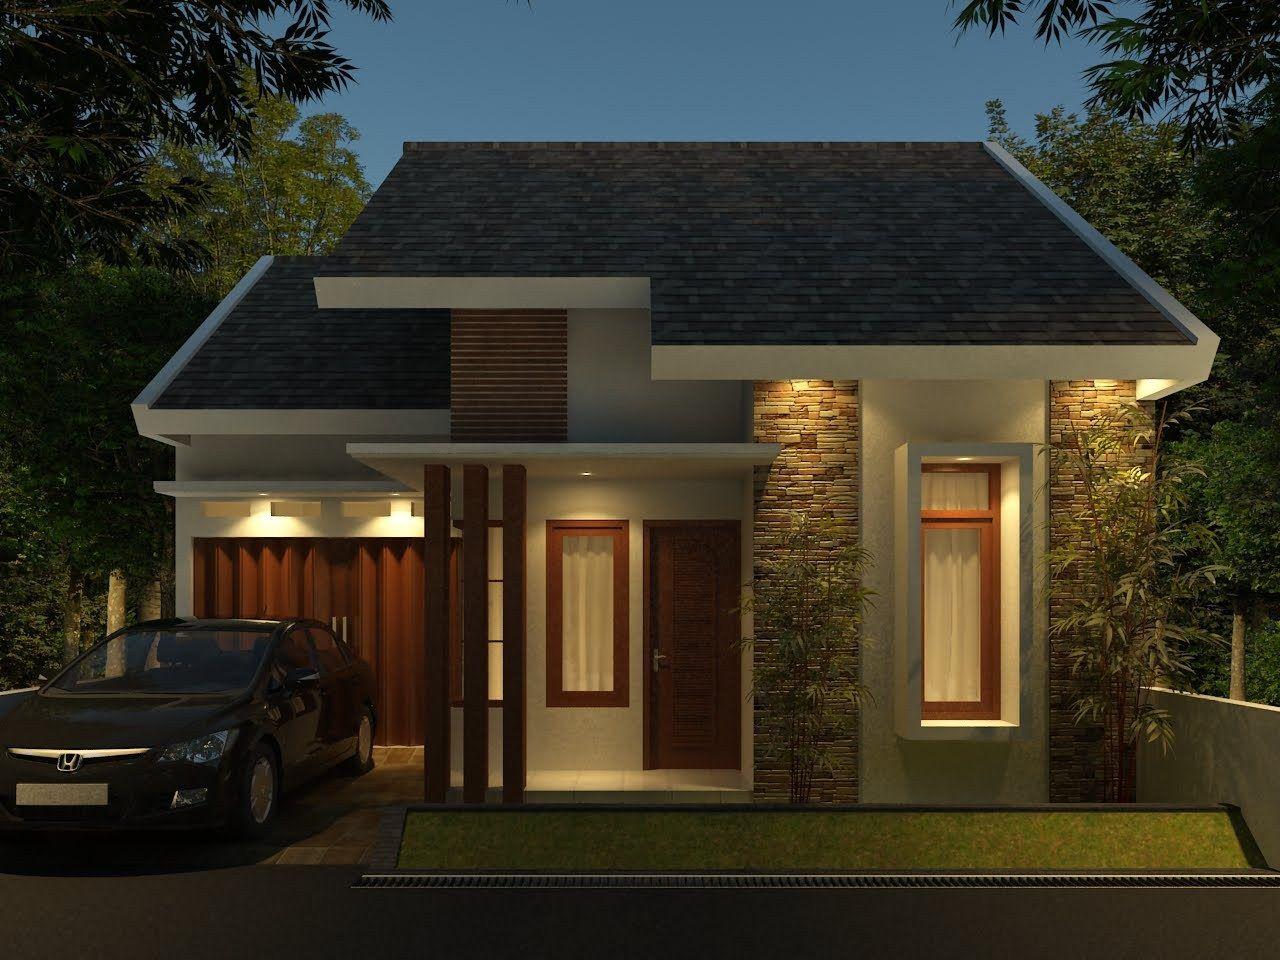 desain rumah minimalis tampak depan 1 lantai | rencana model